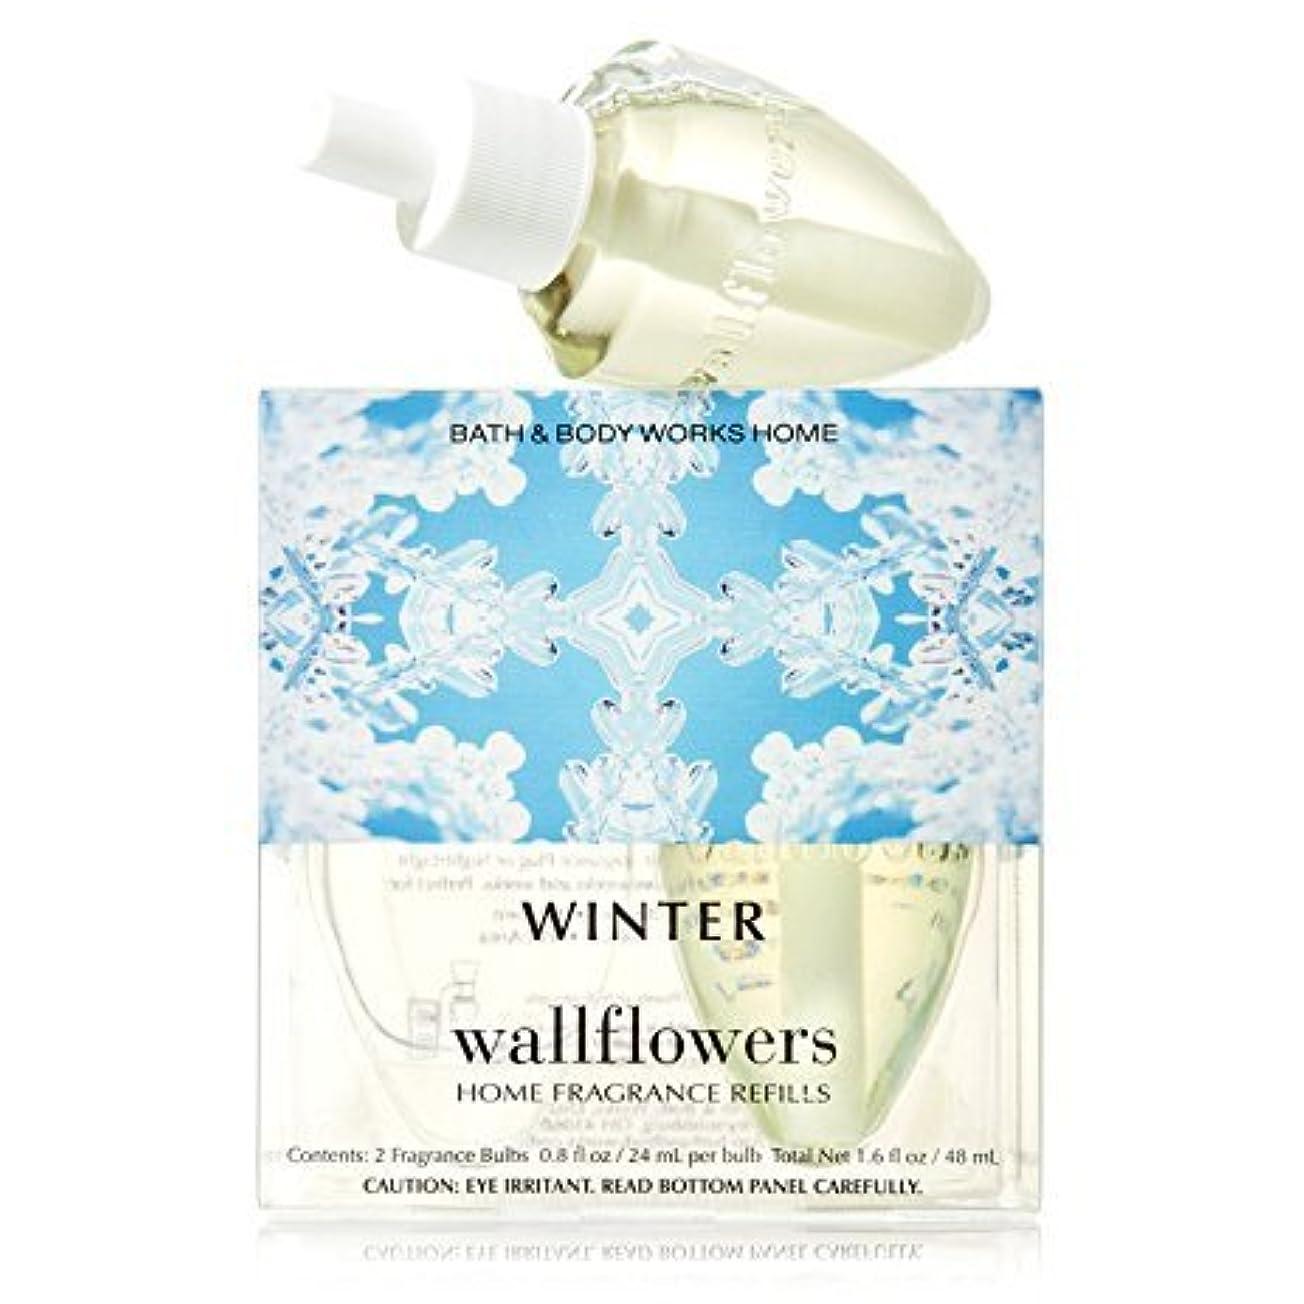 教養がある計算するパーチナシティ【Bath&Body Works/バス&ボディワークス】 ルームフレグランス 詰替えリフィル(2個入り) ウィンター Wallflowers Home Fragrance 2-Pack Refills Winter [並行輸入品]